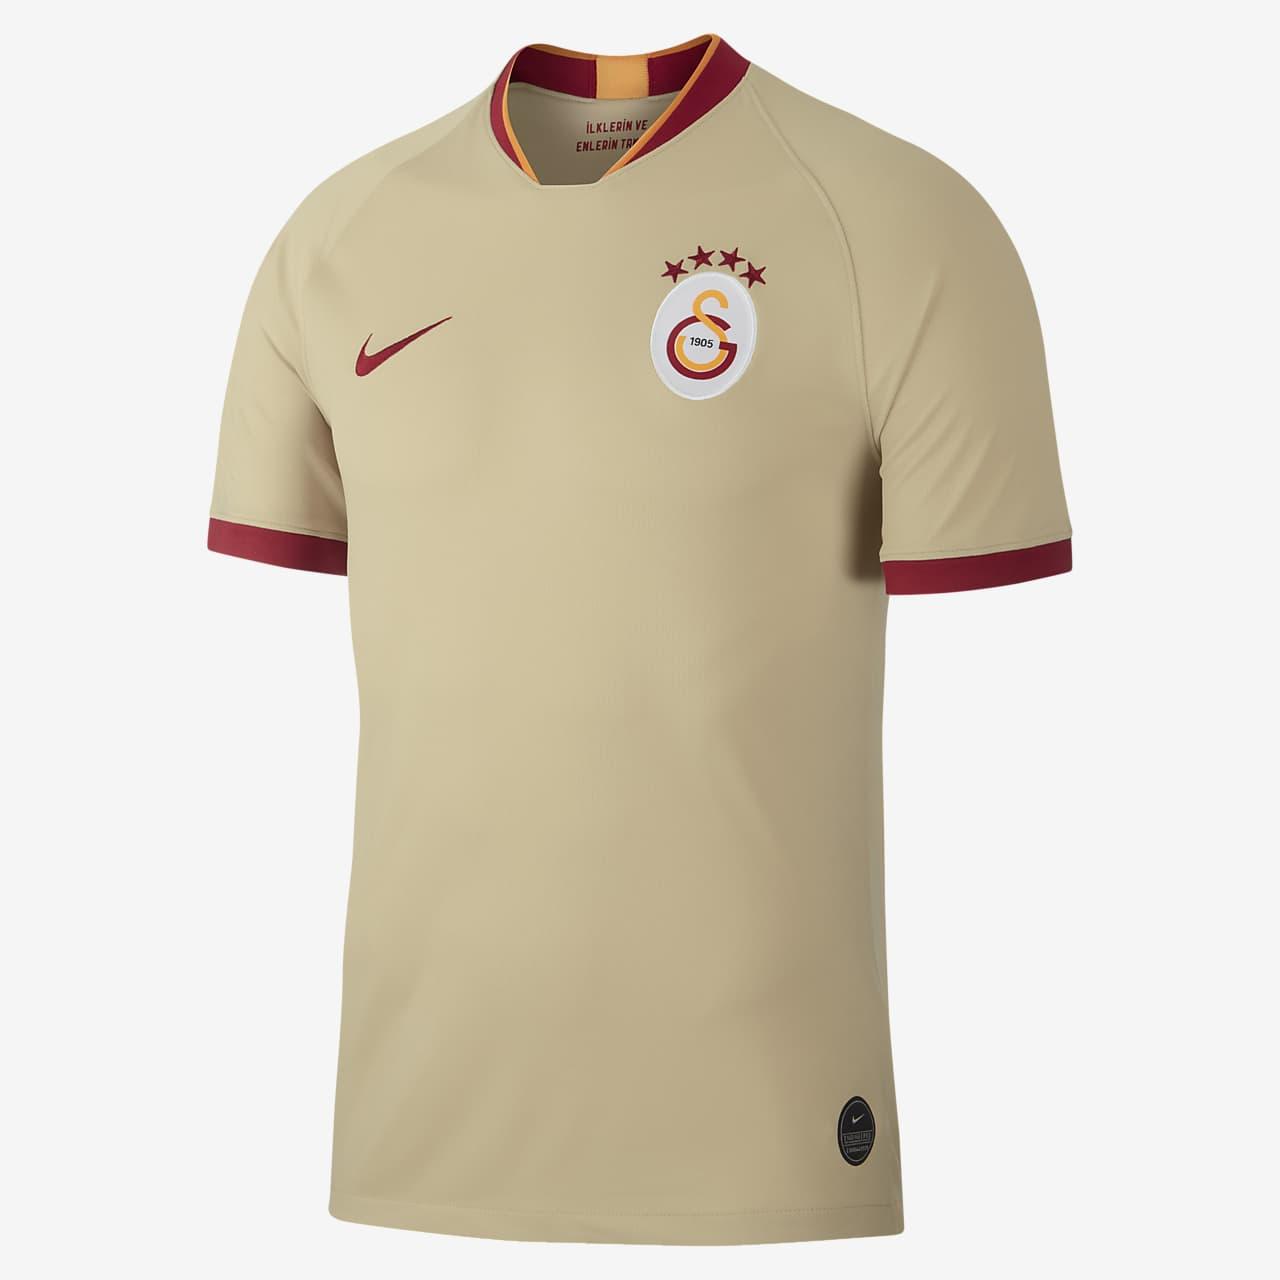 Camiseta de fútbol de visitante para hombre Stadium del Galatasaray 2019/20